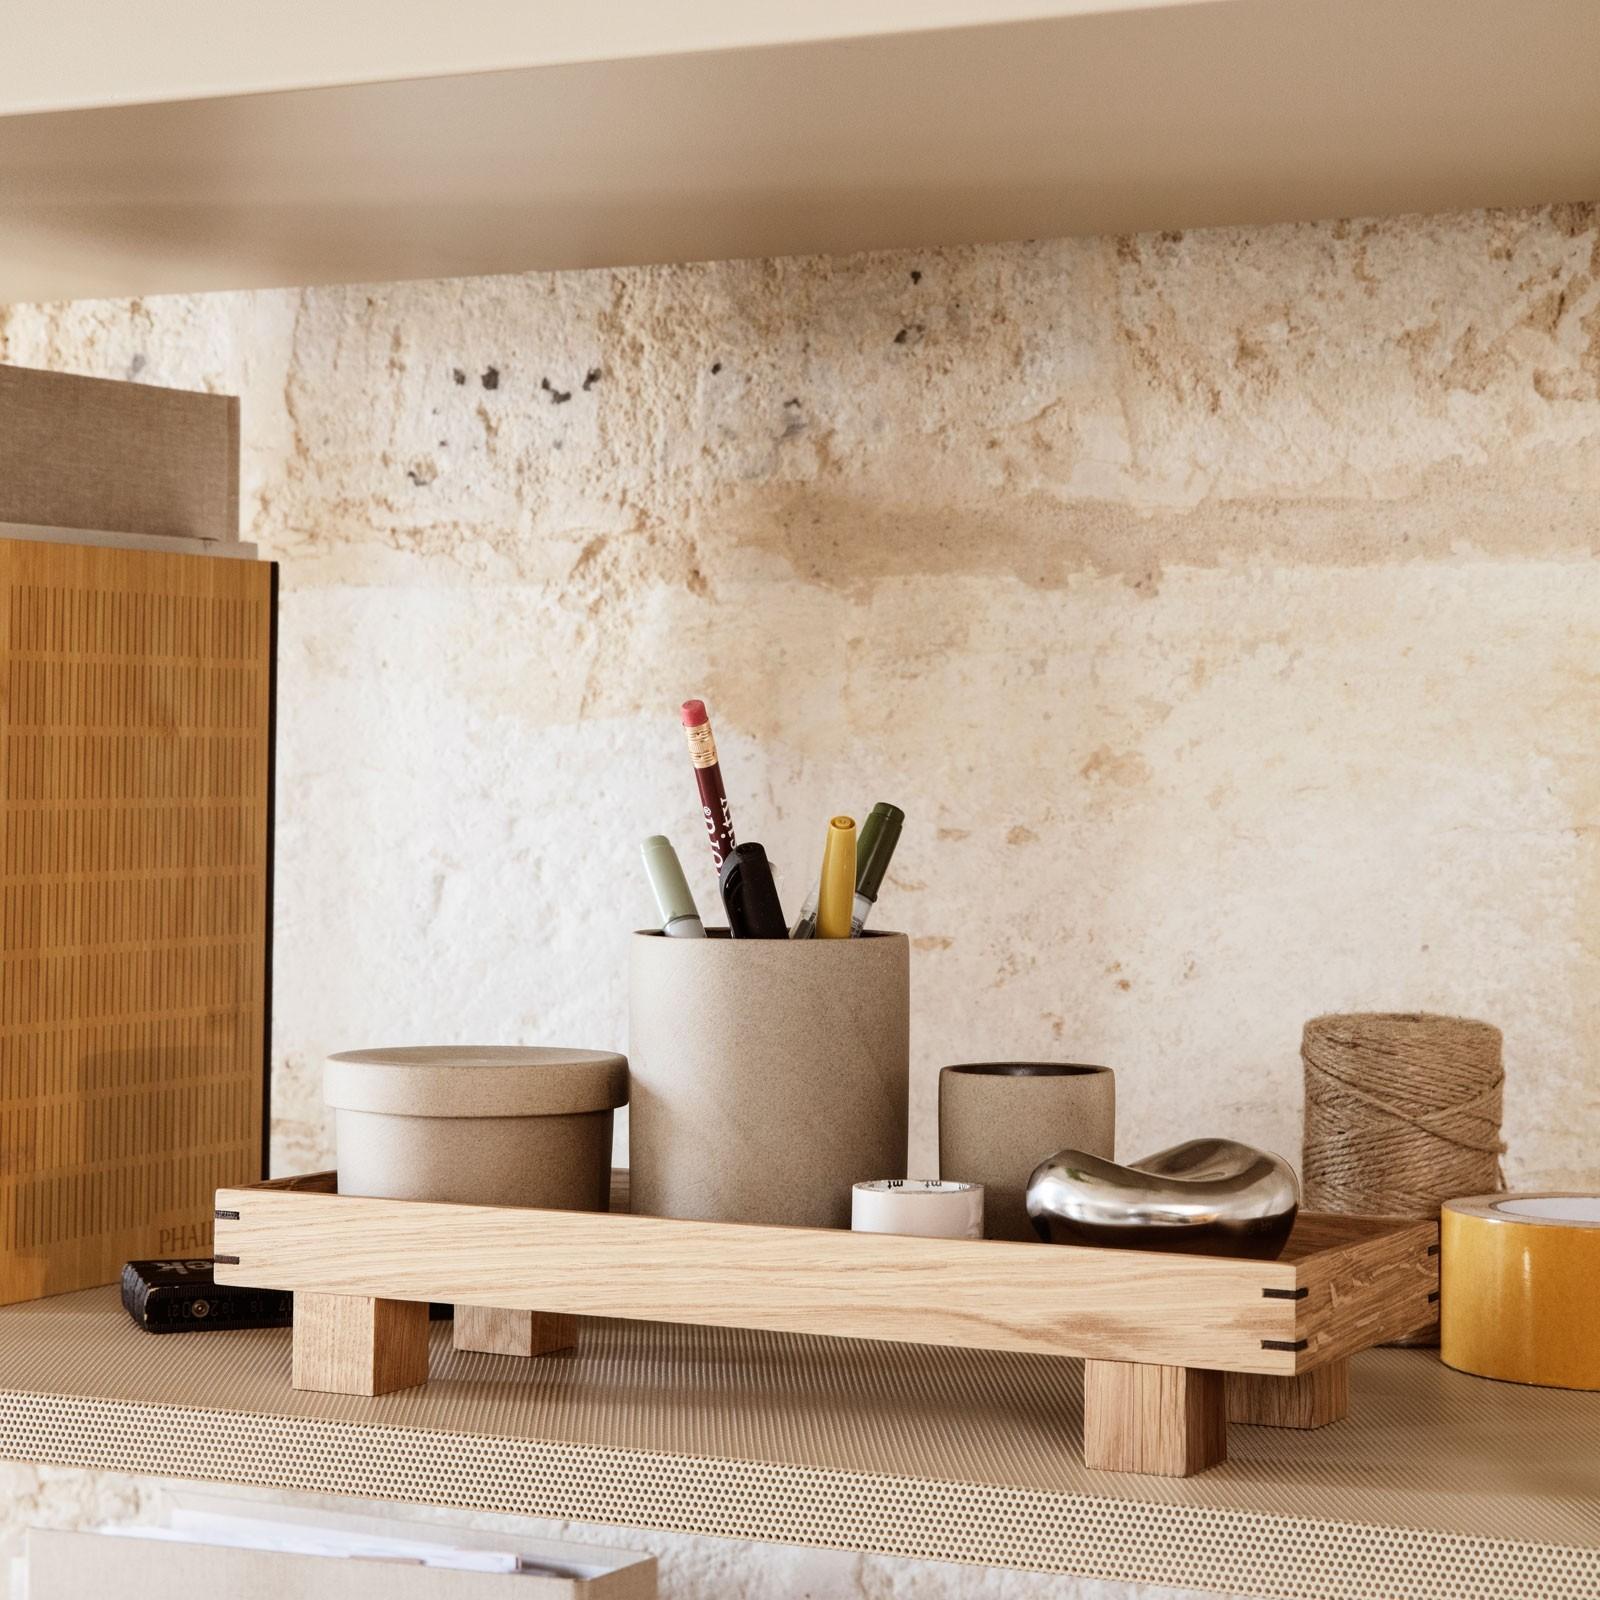 Full Size of Ferm Living Bon Accessories Aufbewahrungsbehlter Online Kaufen Aufbewahrungsbehälter Küche Wohnzimmer Aufbewahrungsbehälter